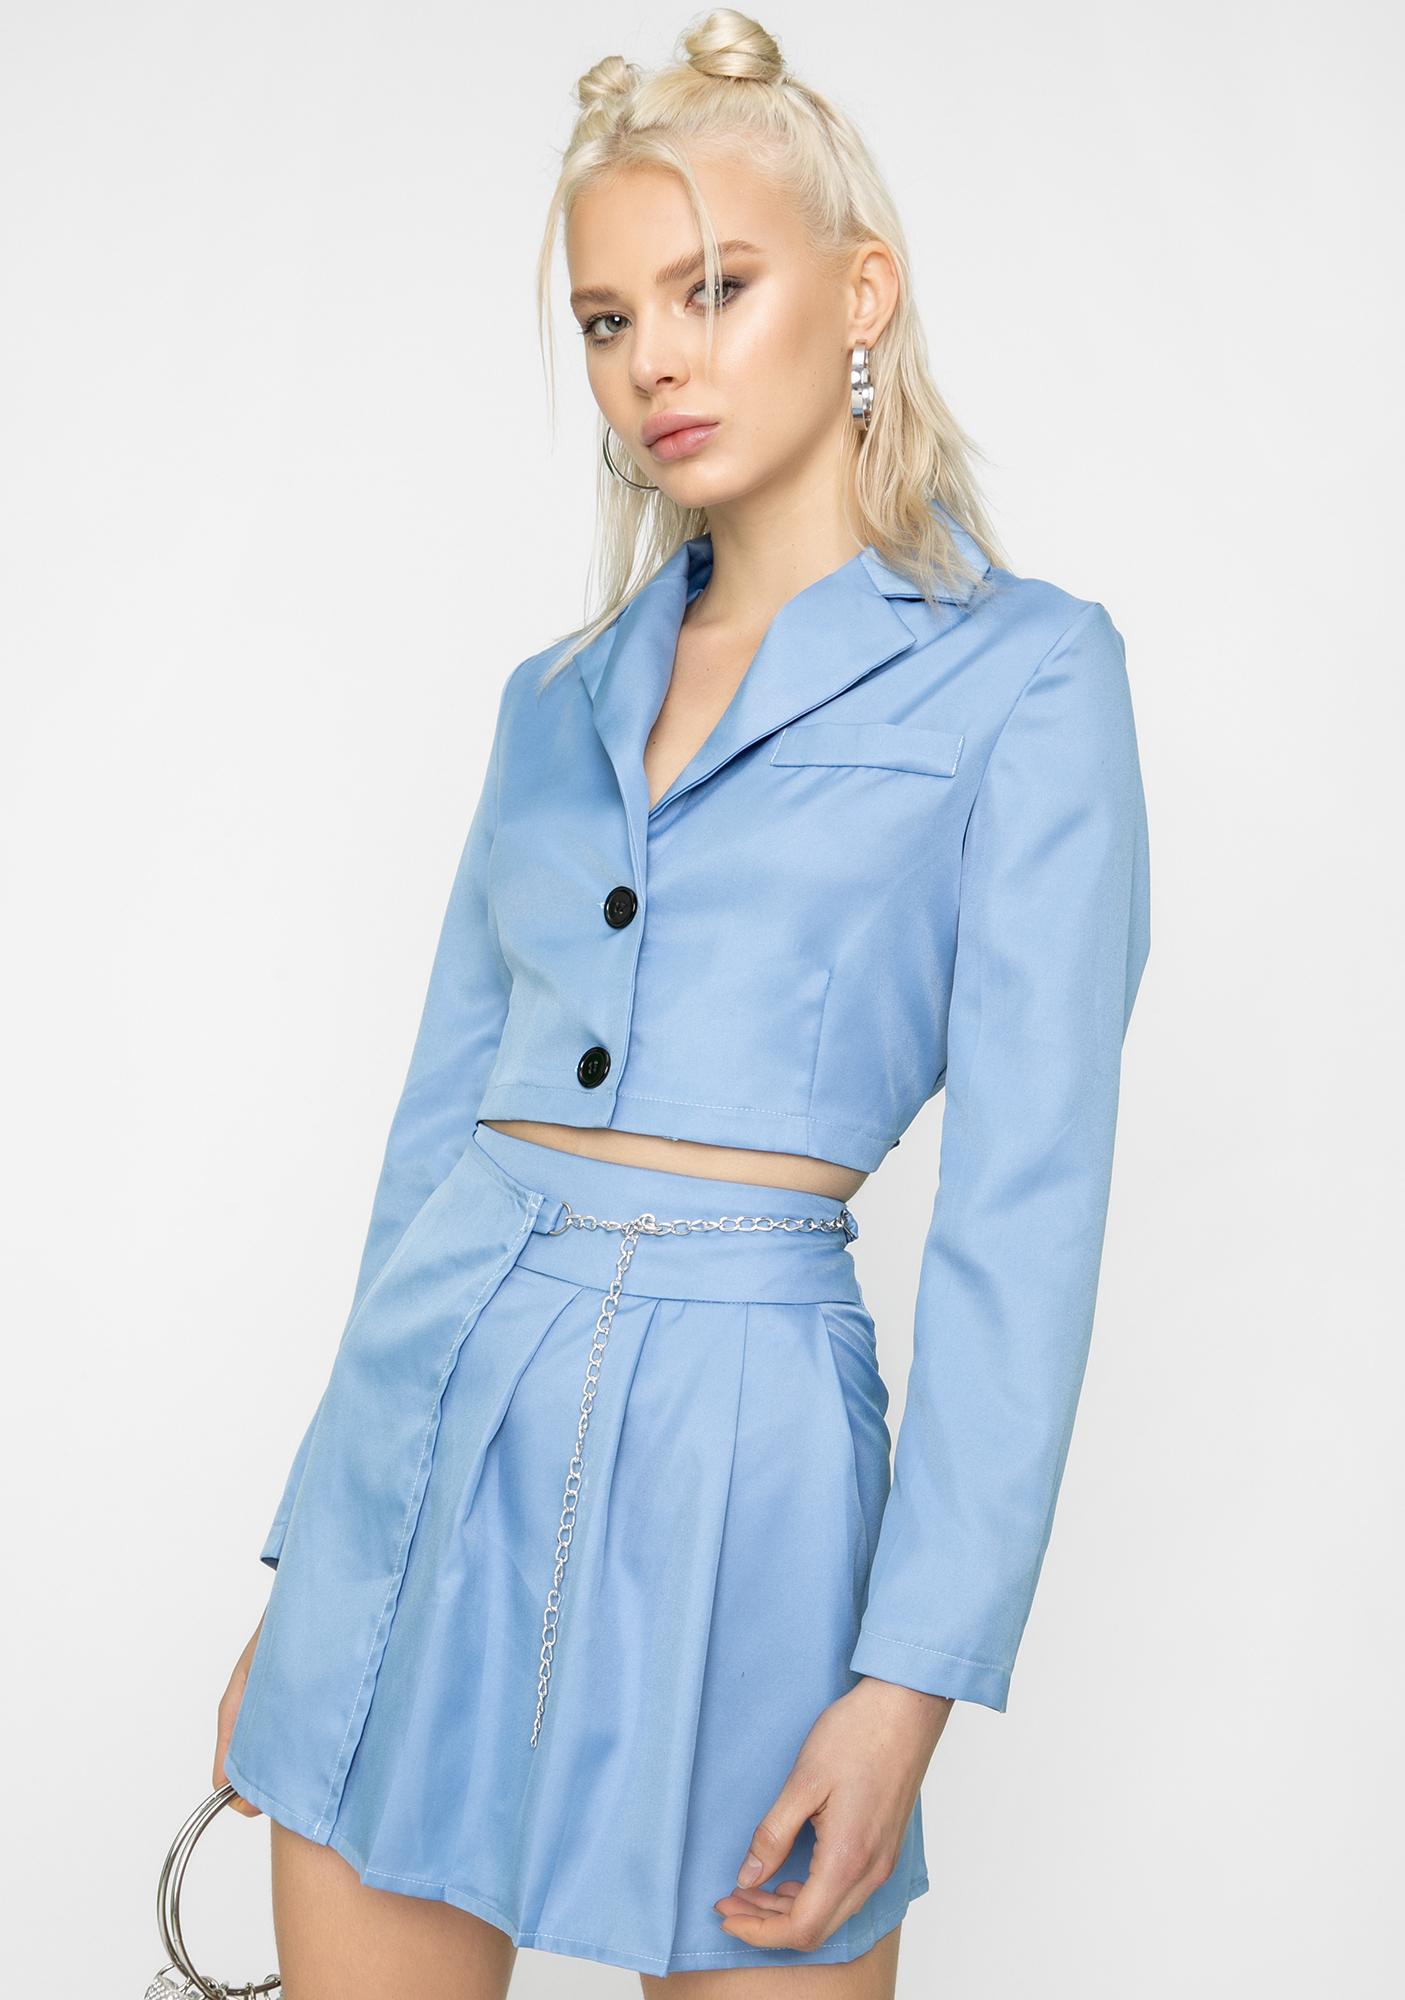 ZEMETA True Sky Chain Blazer Skirt Set